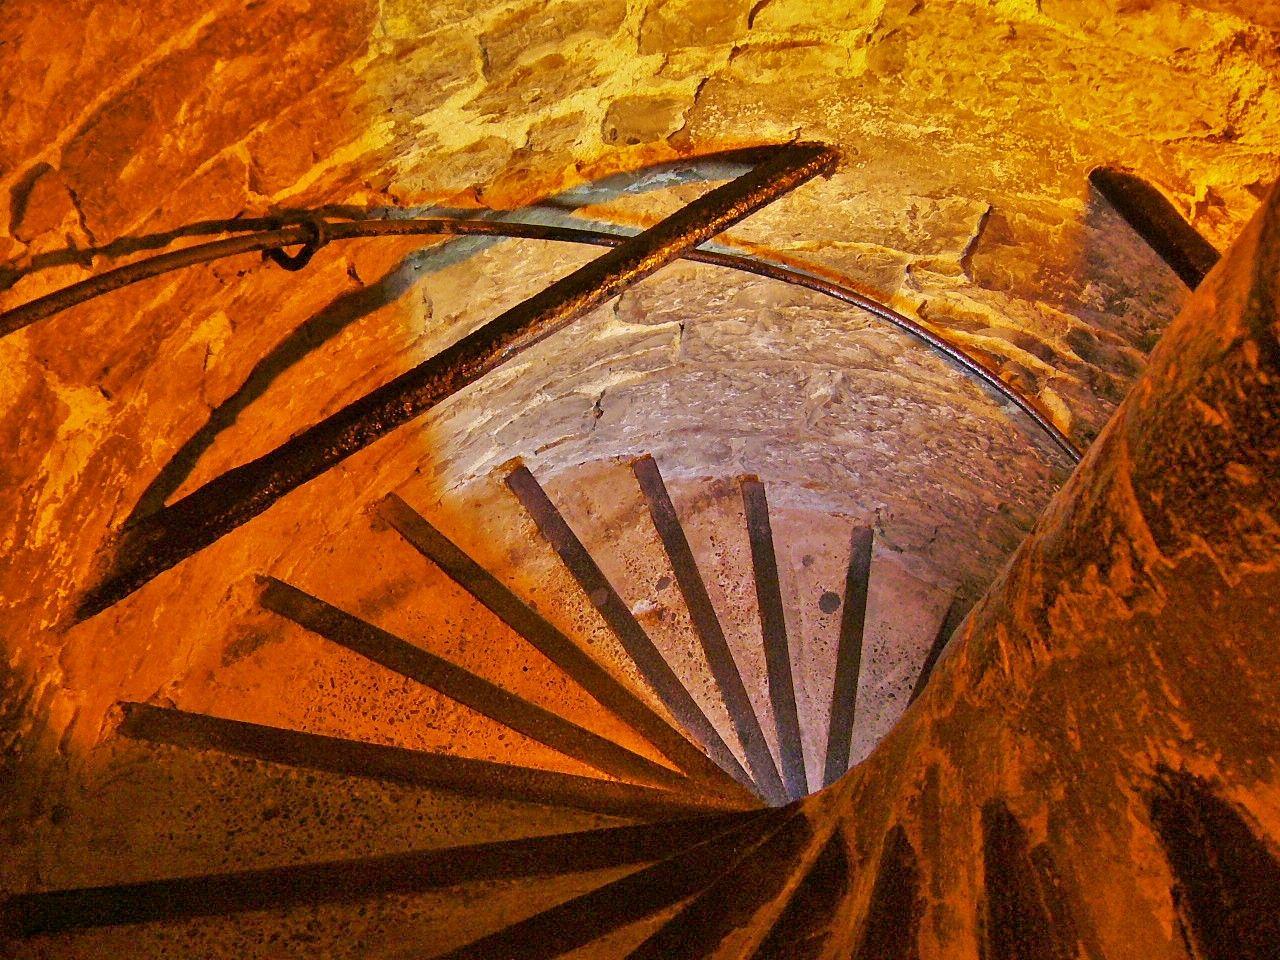 らせん階段を登って鐘楼の内部を見学